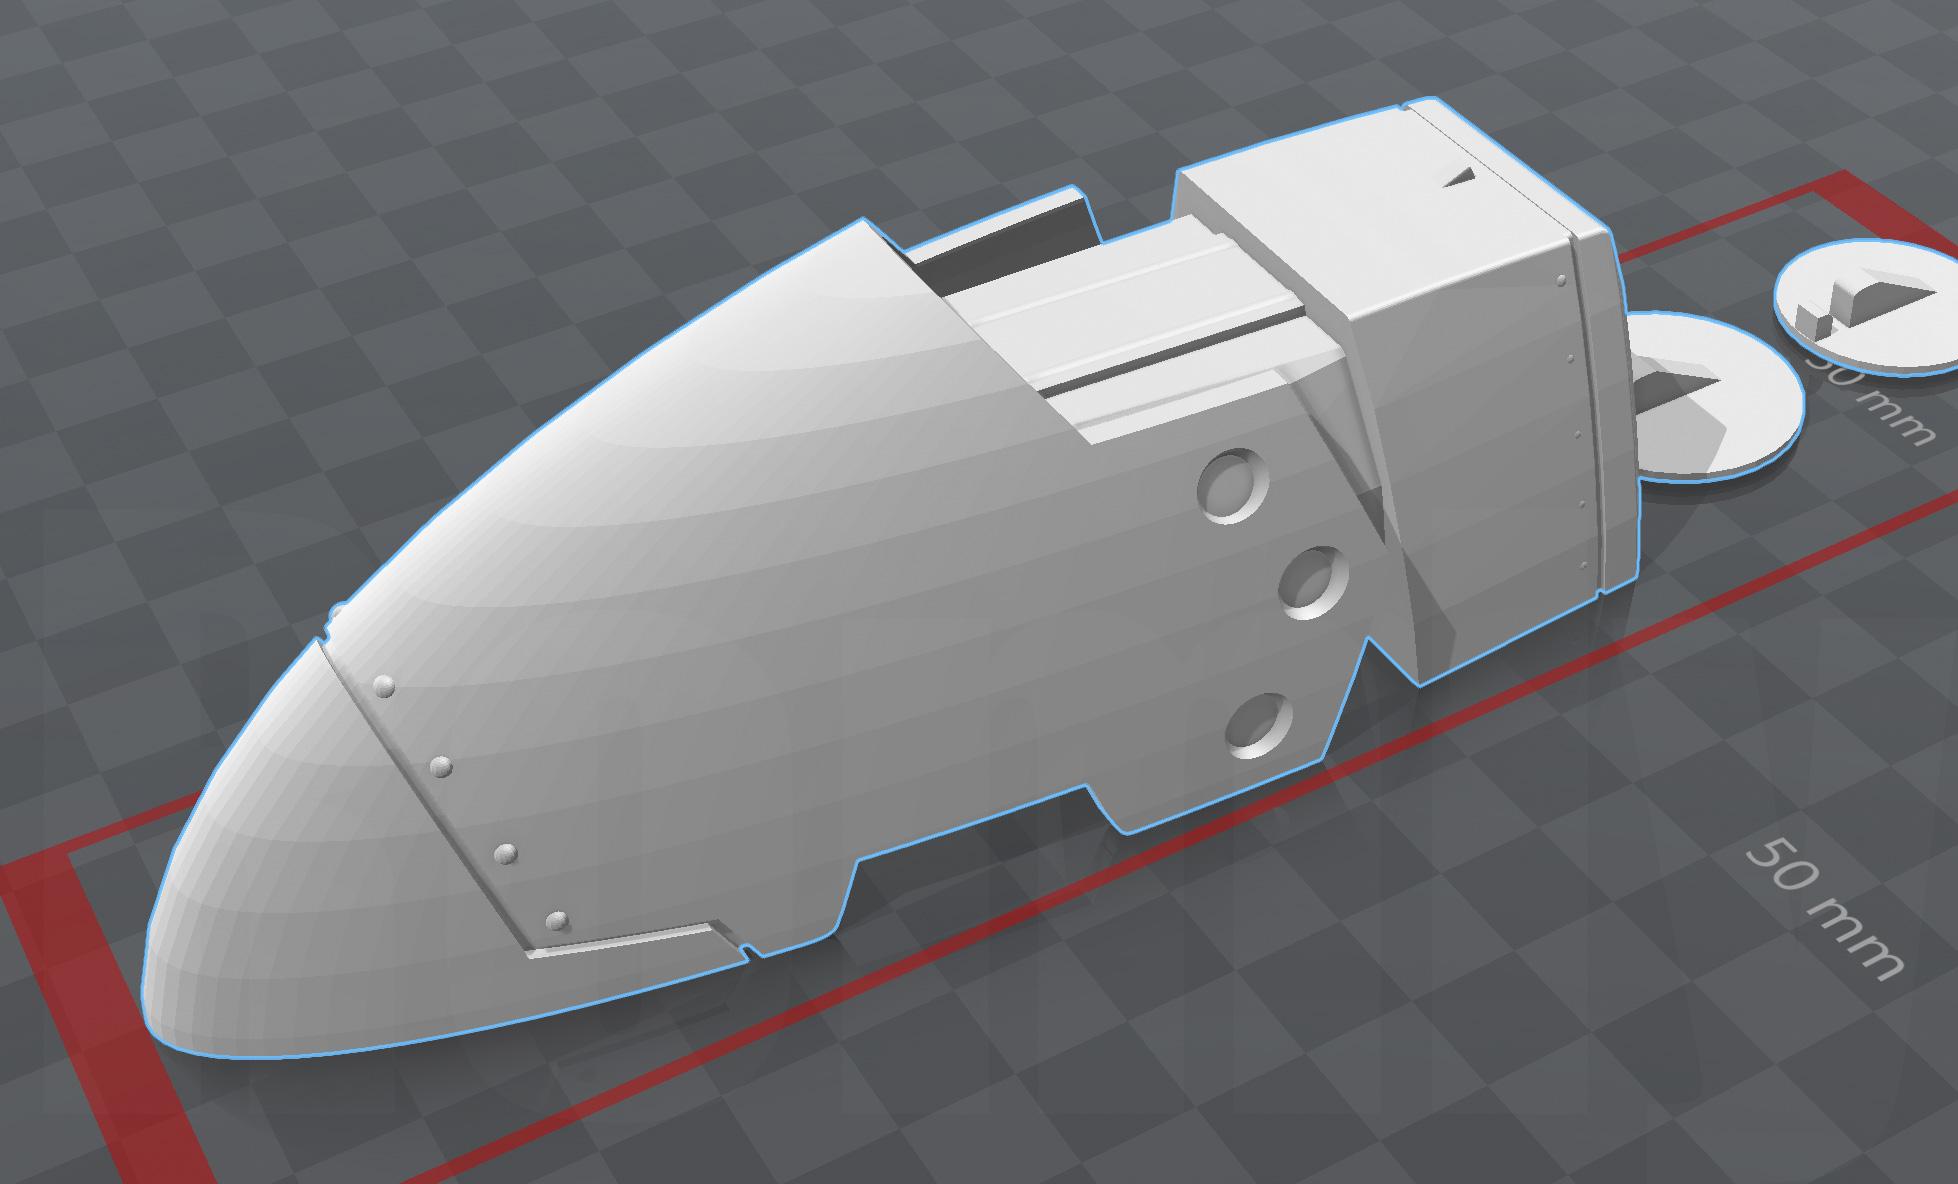 ミミノアーレ型コインシリンダー 3Dモデル